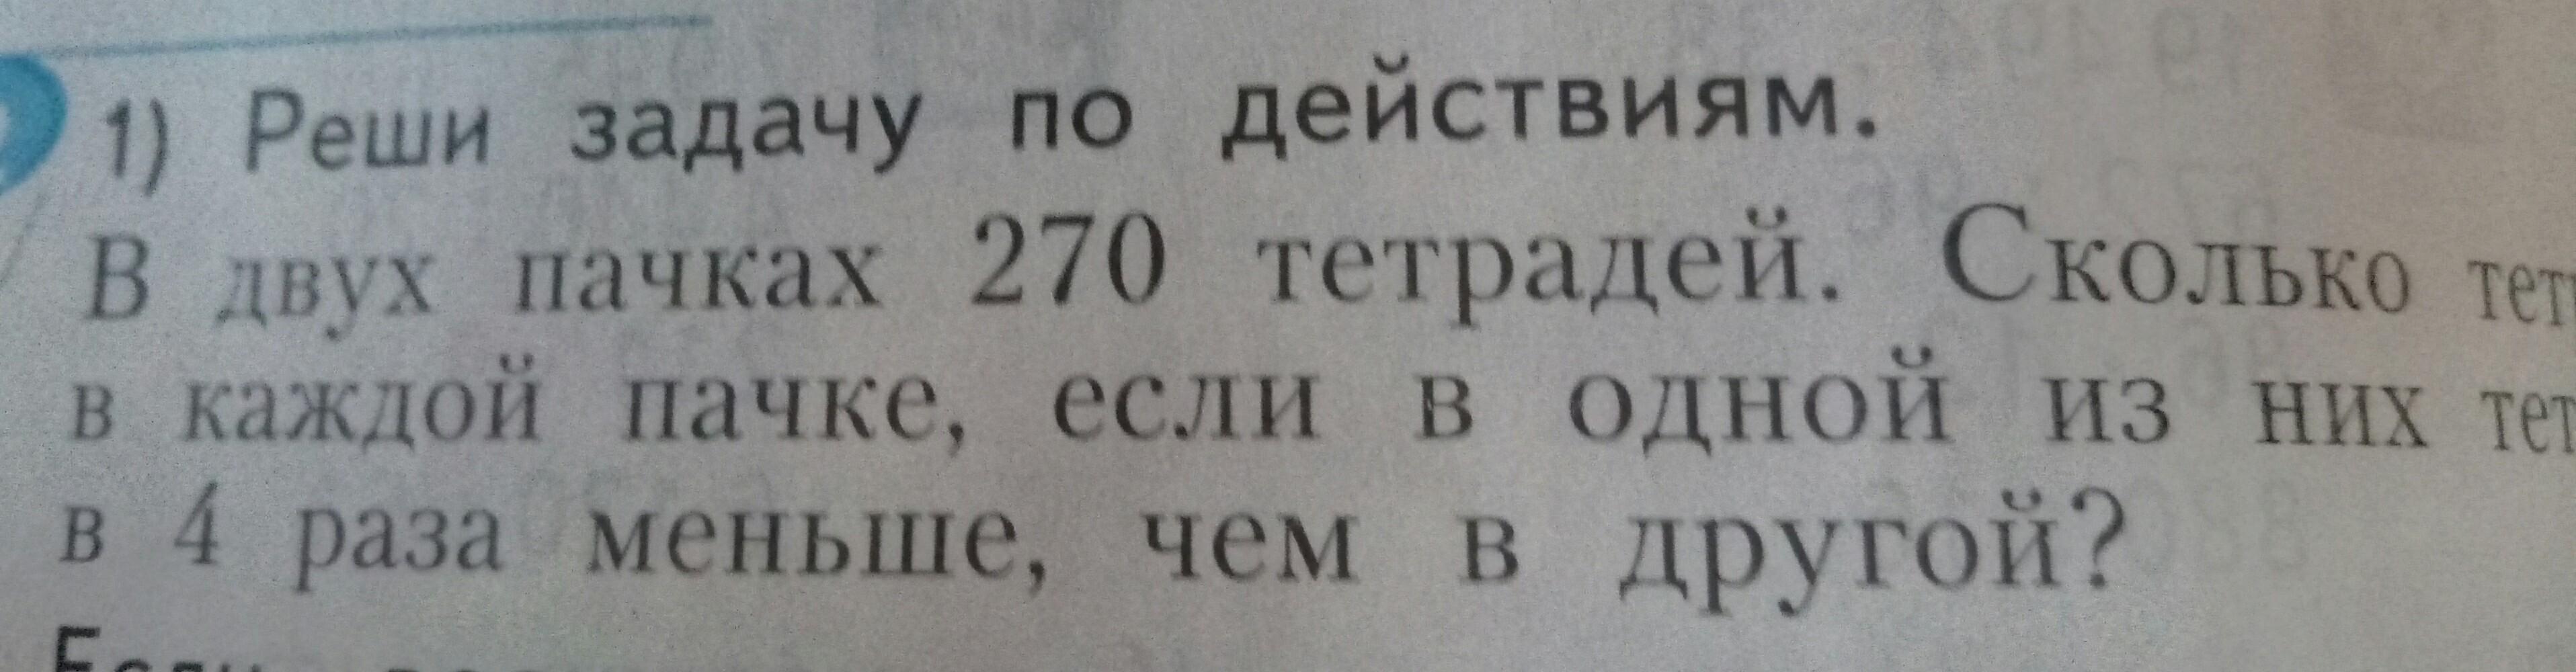 Реши задачу в двух пачках 270 тетрадей задача решение статистика цен